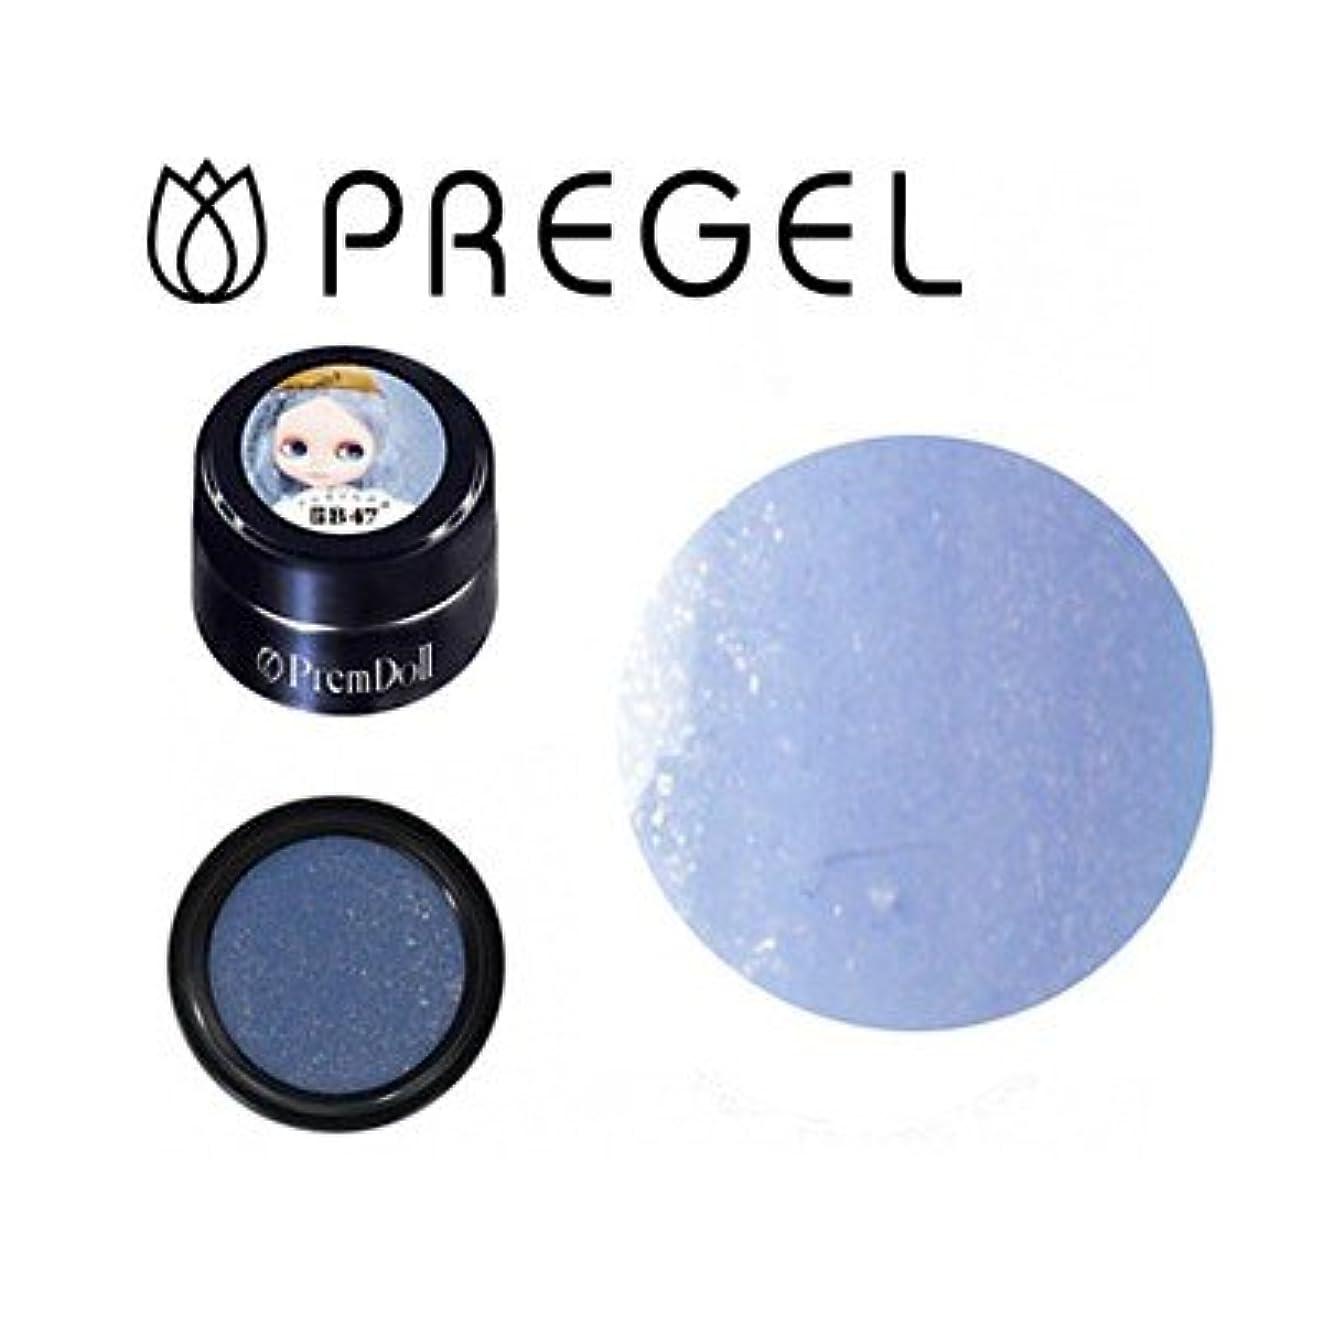 物理的に放棄されたレプリカジェルネイル カラージェル プリジェル PREGEL プリムドール ジェーンレフロイシリーズ DOLL-B47 アルタイルの涙